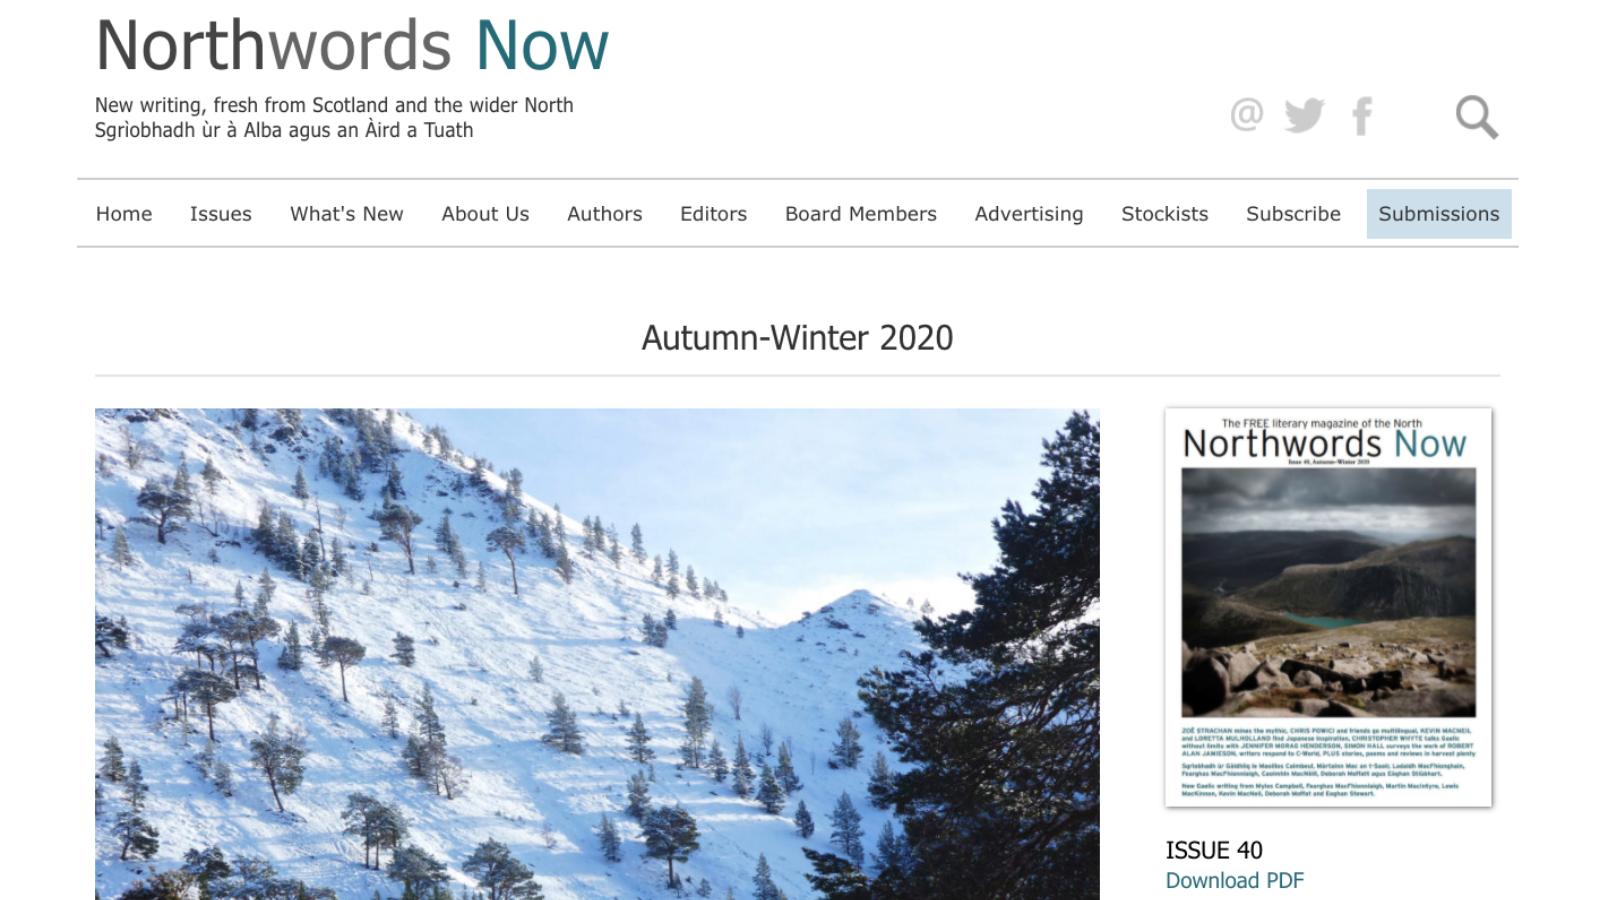 Screenshot of the Northwords Now website